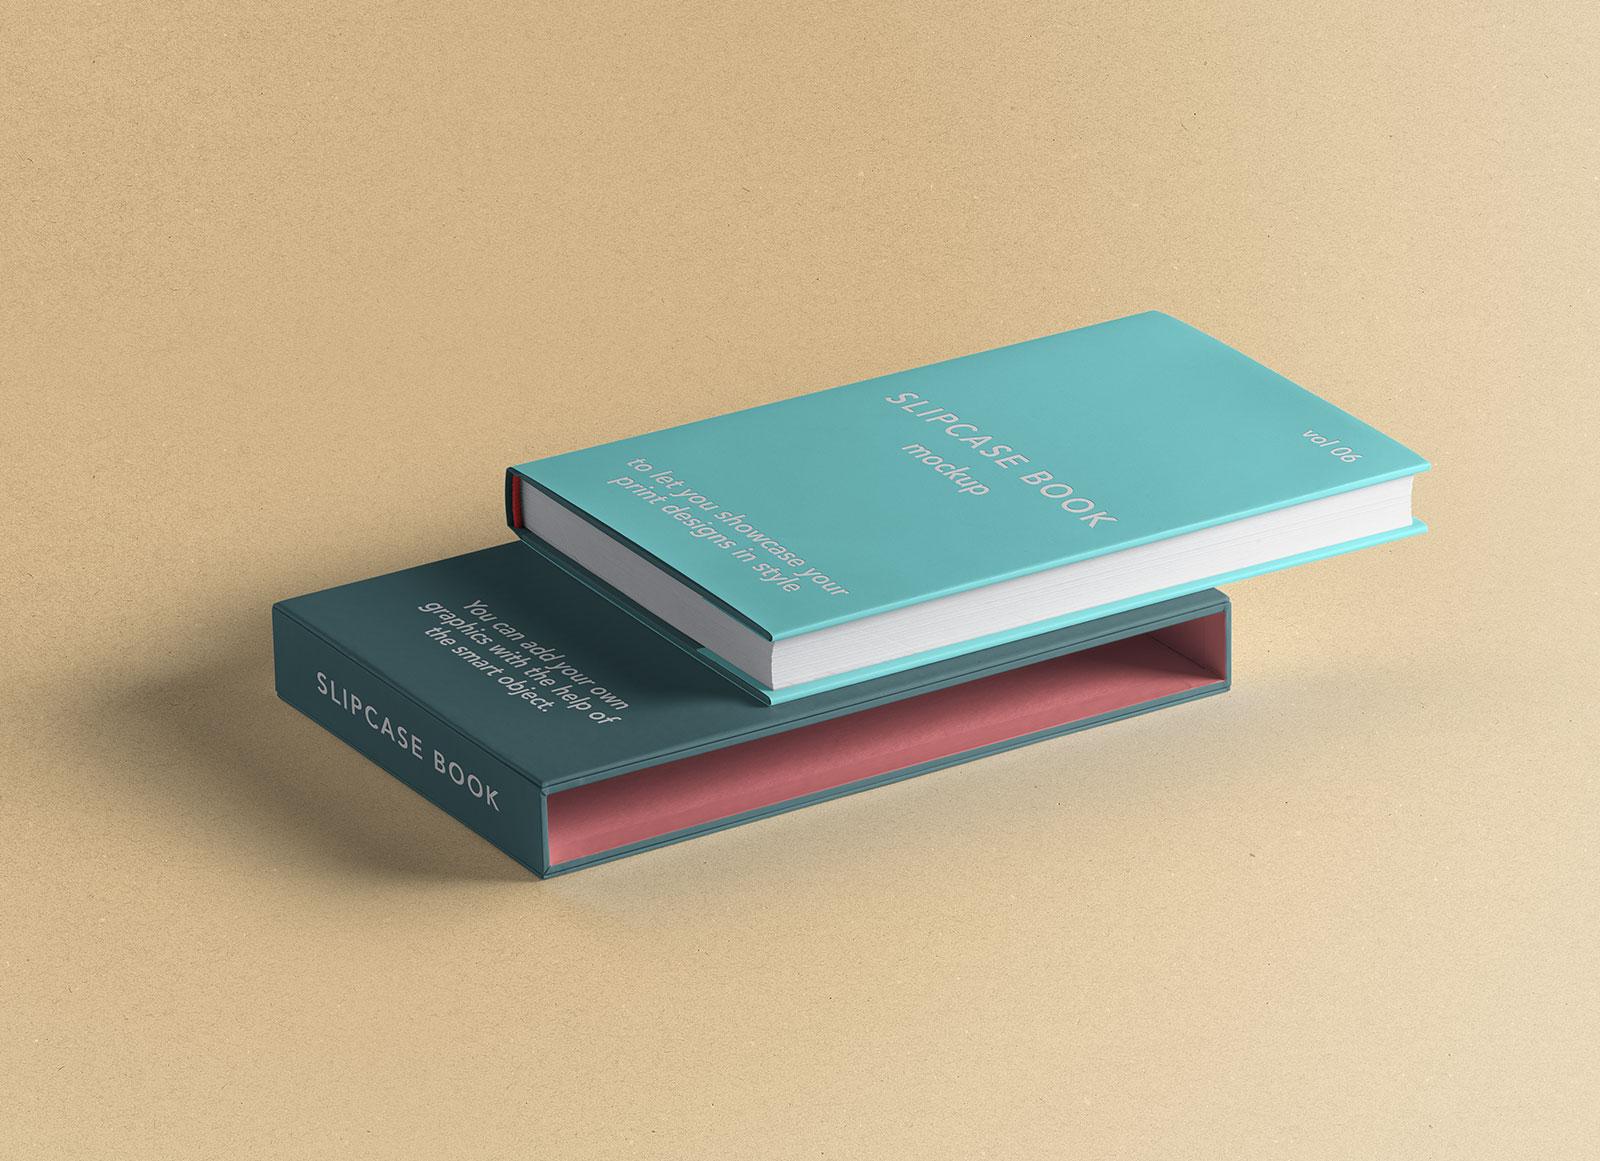 Free-Hardcover-Book-&-Slip-Case-Mockup-PSD